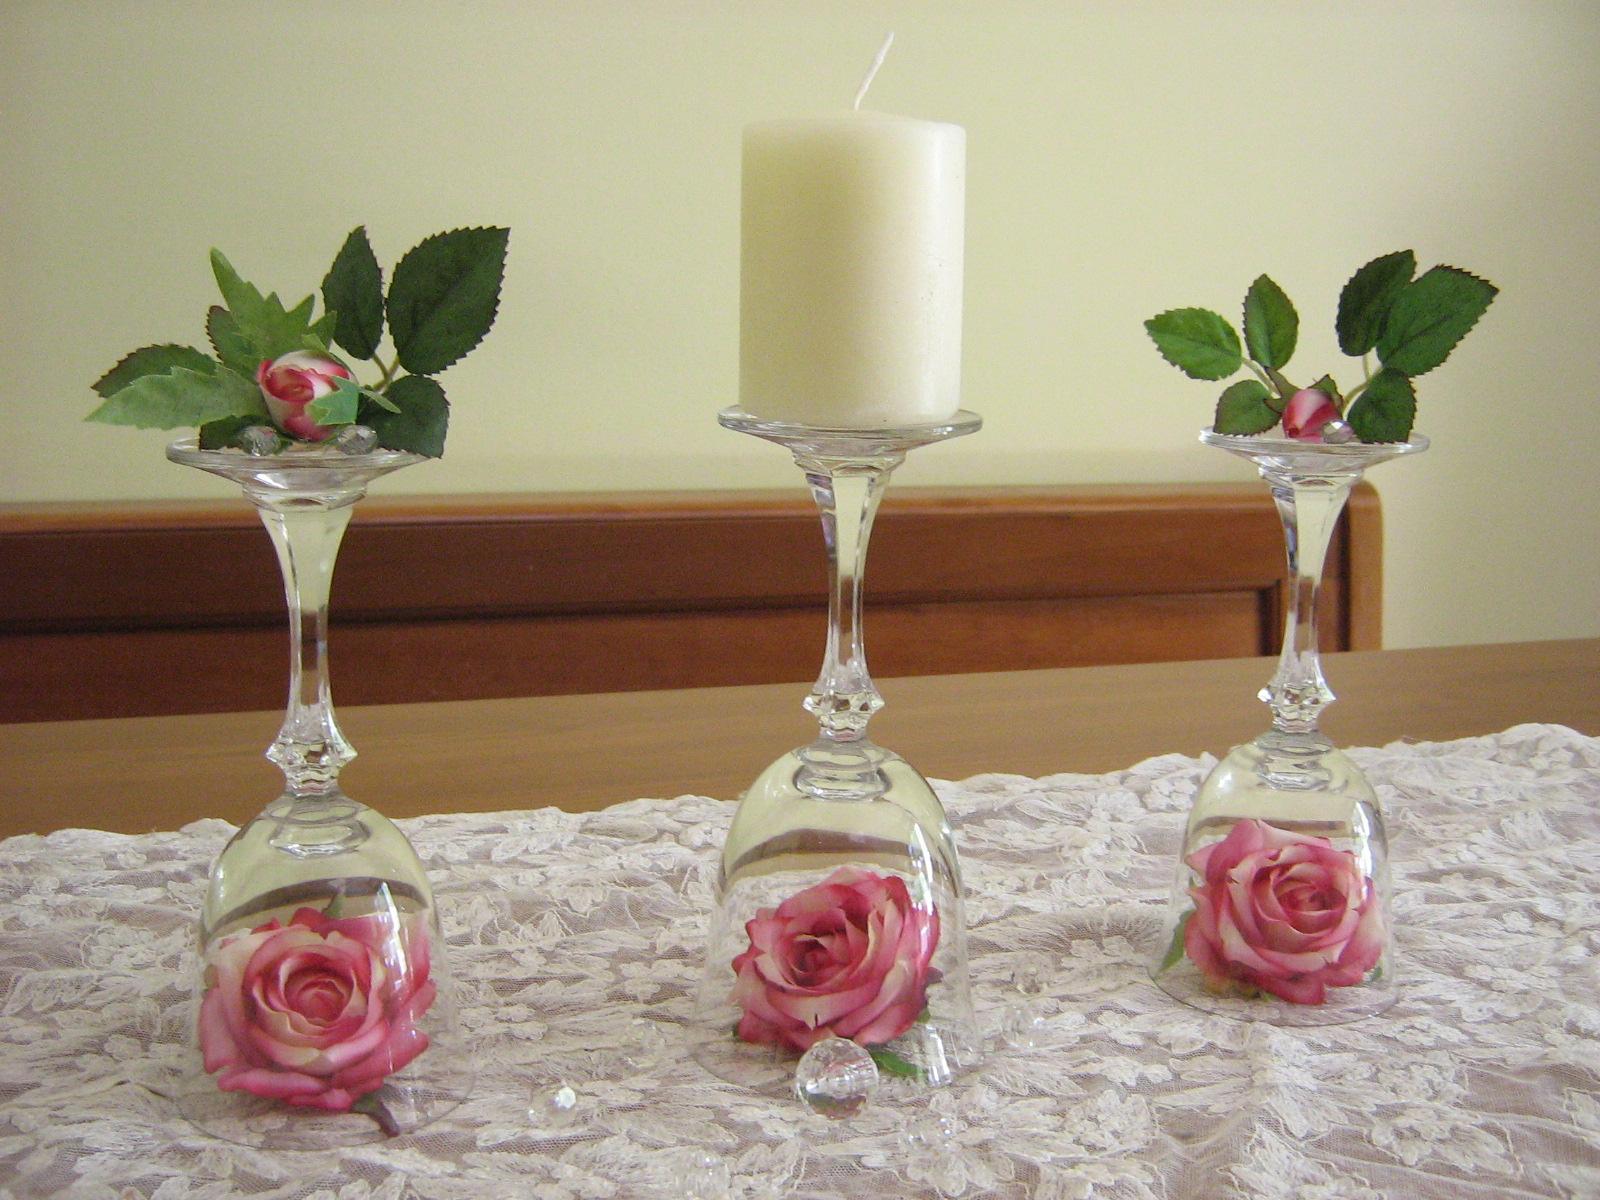 Fiori fiocchi e fantasia centrotavola con bicchieri e fiori - Decorazioni fiori finti ...